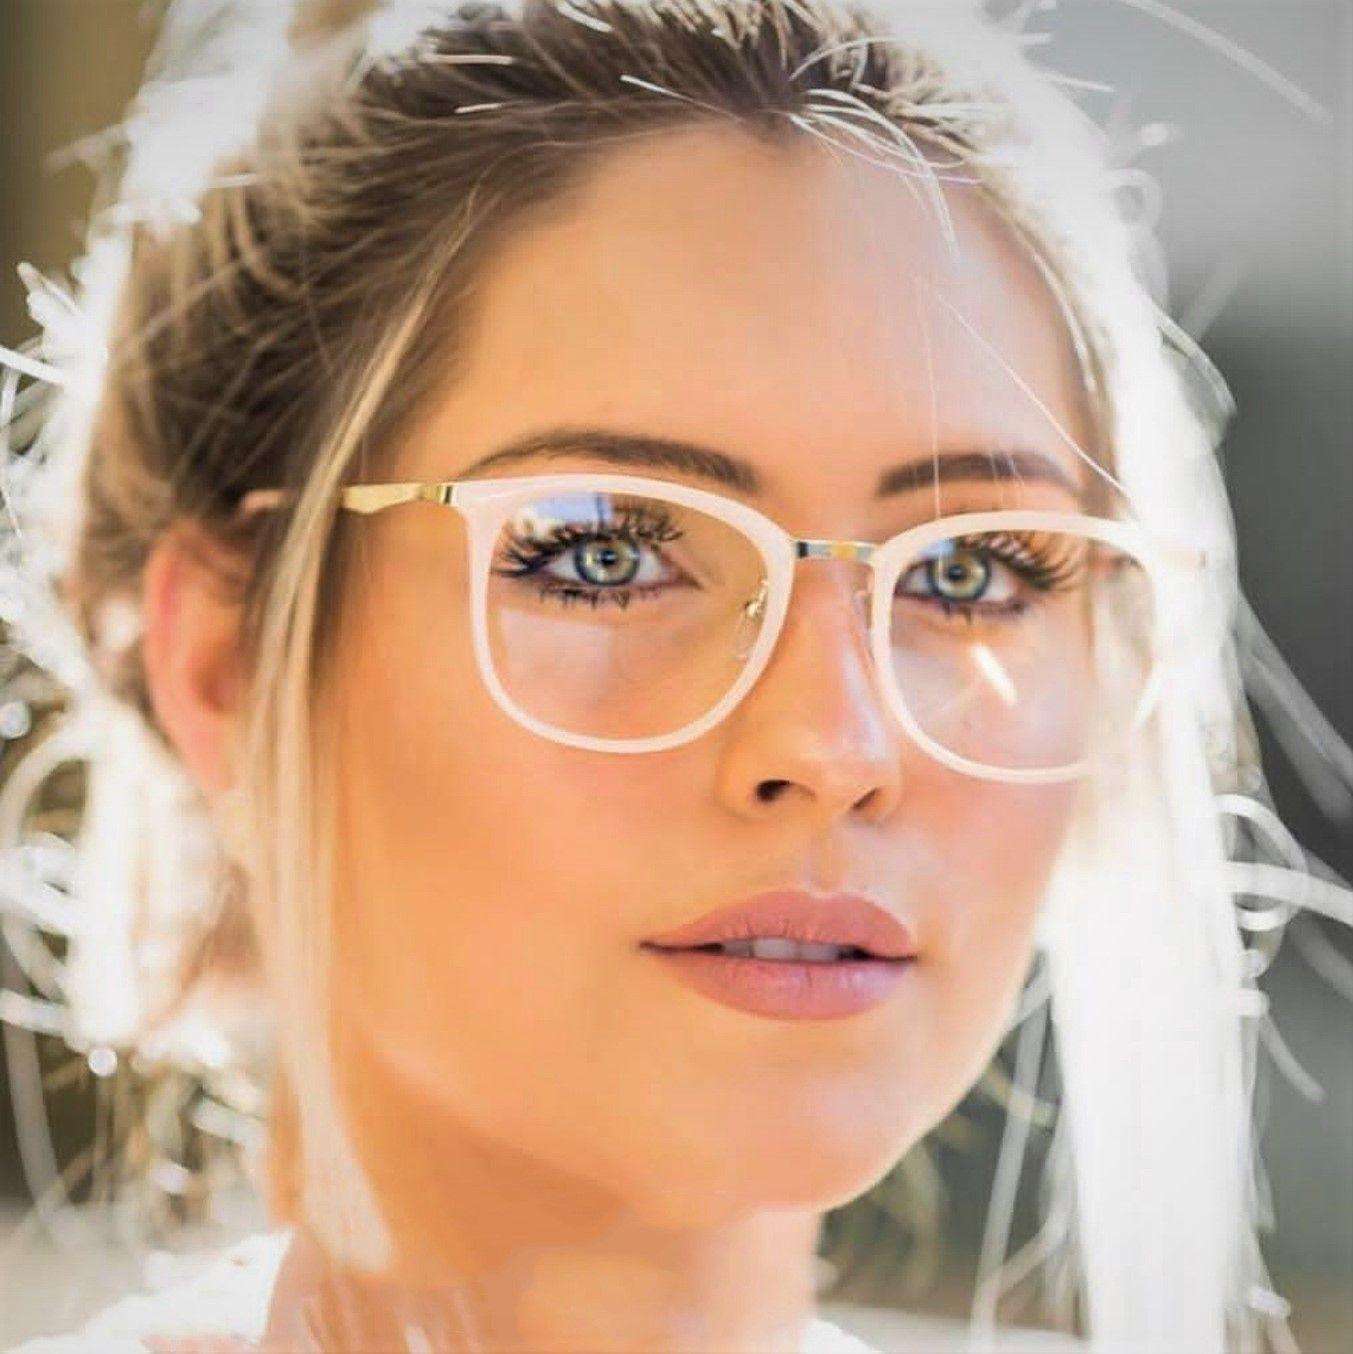 CCSPACE Señoras Gafas Cuadradas Marcos Mujeres Metal Piernas Diseñador de la Marca Gafas Ópticas Gafas de Moda Gafas de Ordenador 45466